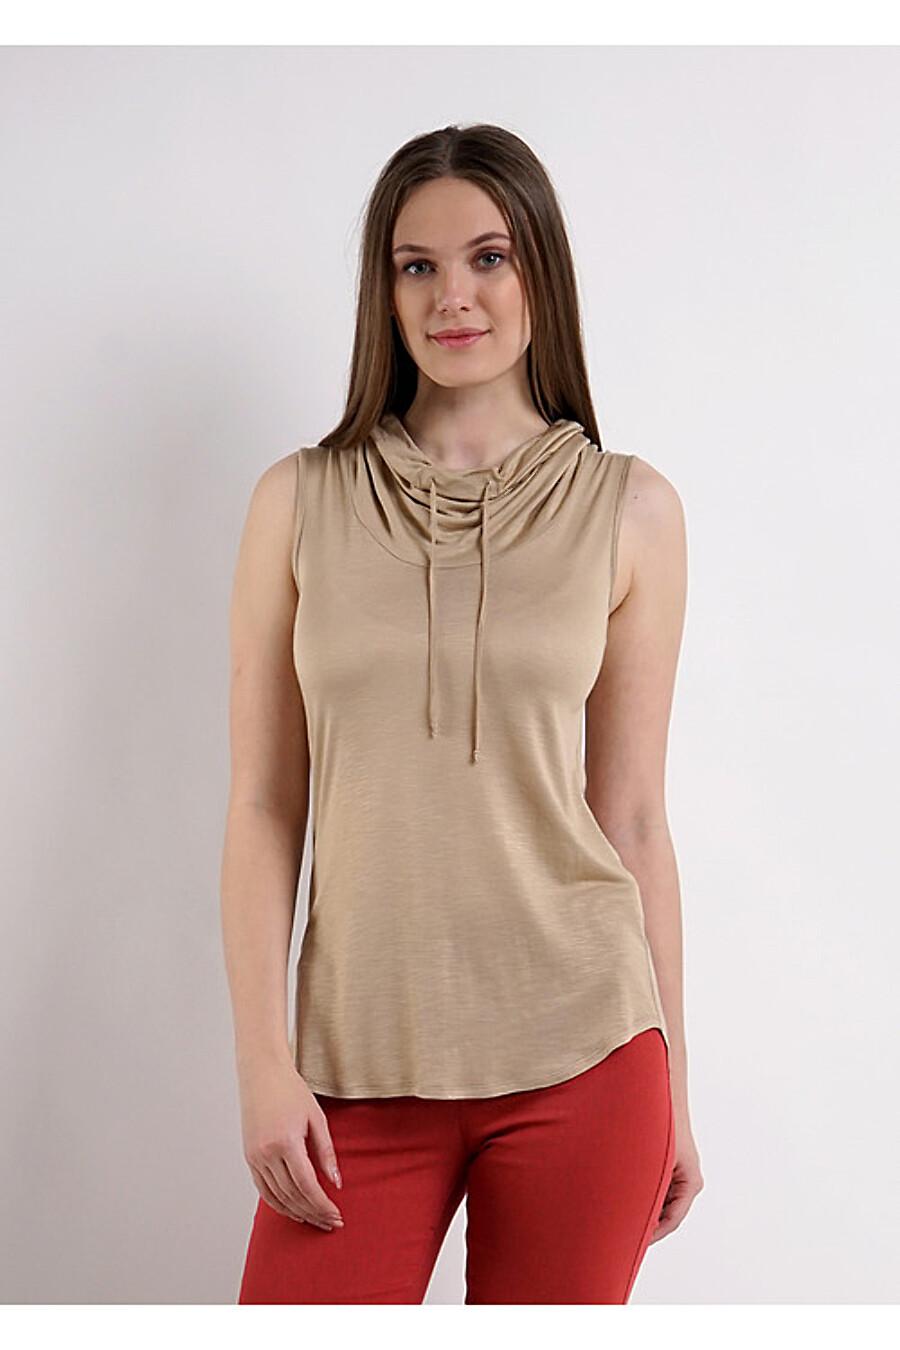 Джемпер для женщин CLEVER 169251 купить оптом от производителя. Совместная покупка женской одежды в OptMoyo